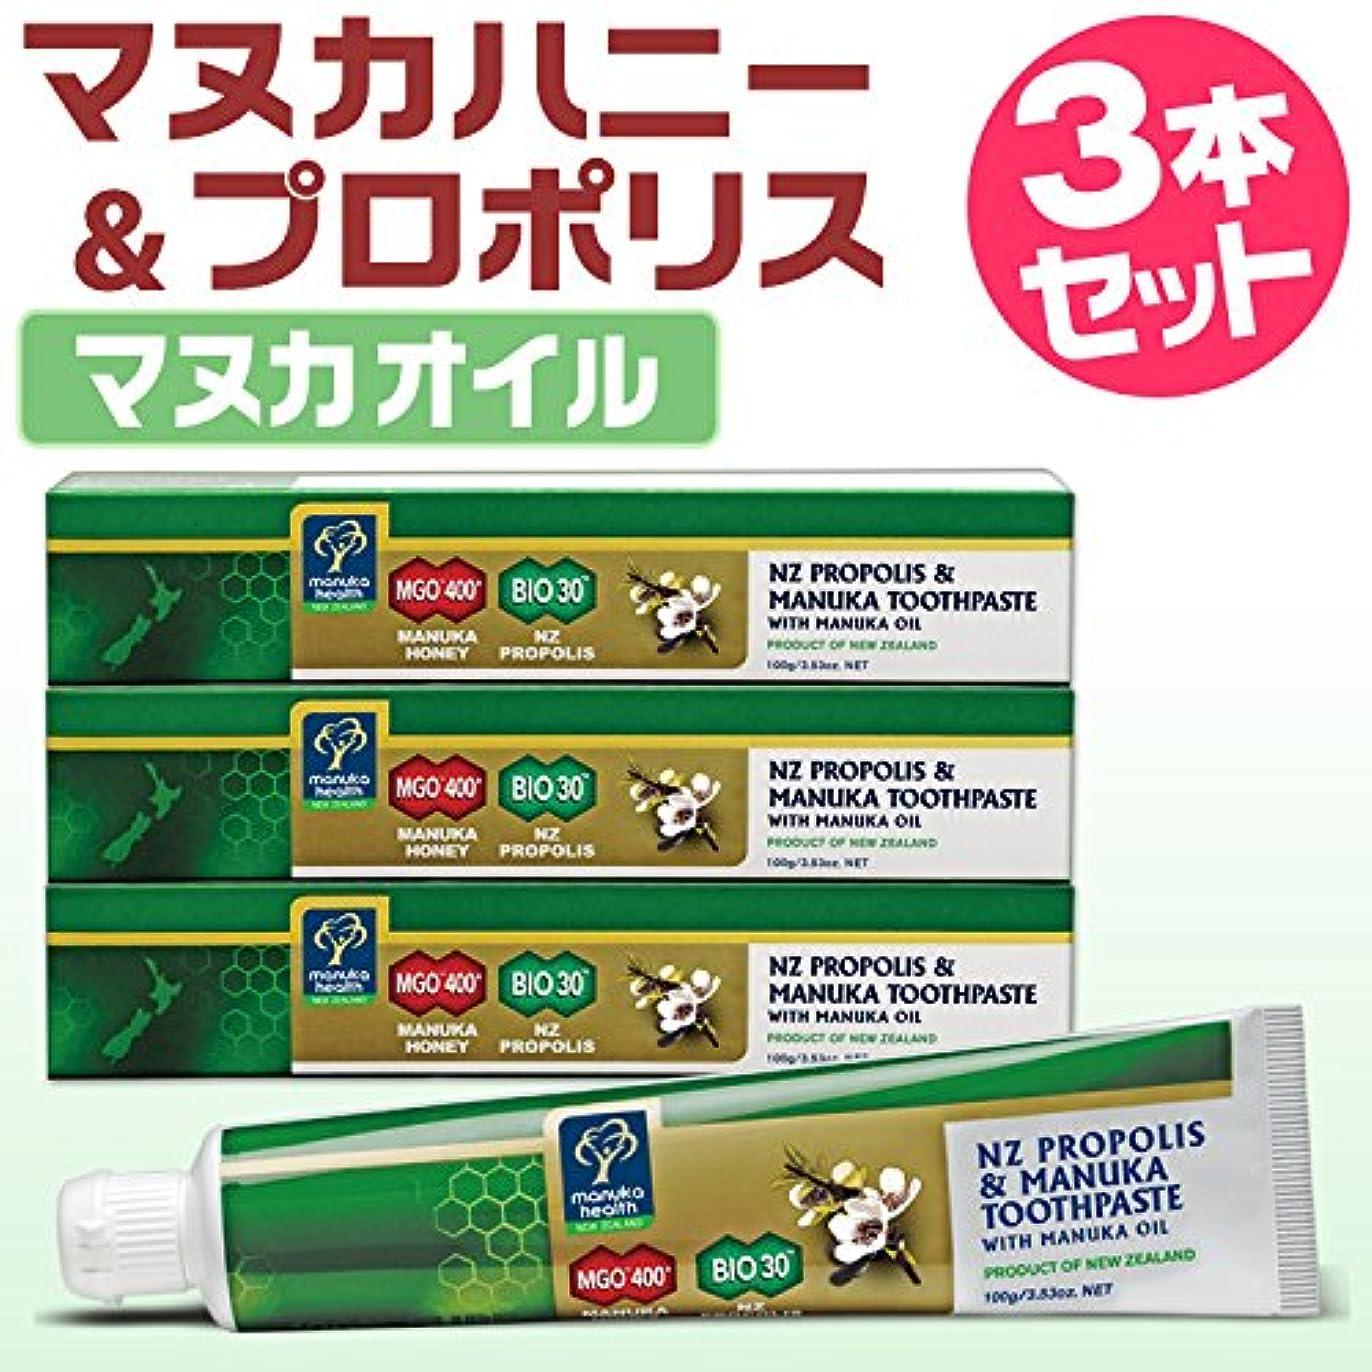 毒声を出してむき出しプロポリス&マヌカハニー MGO400+ マヌカオイル 歯磨き粉[100g]◆3本セット◆緑